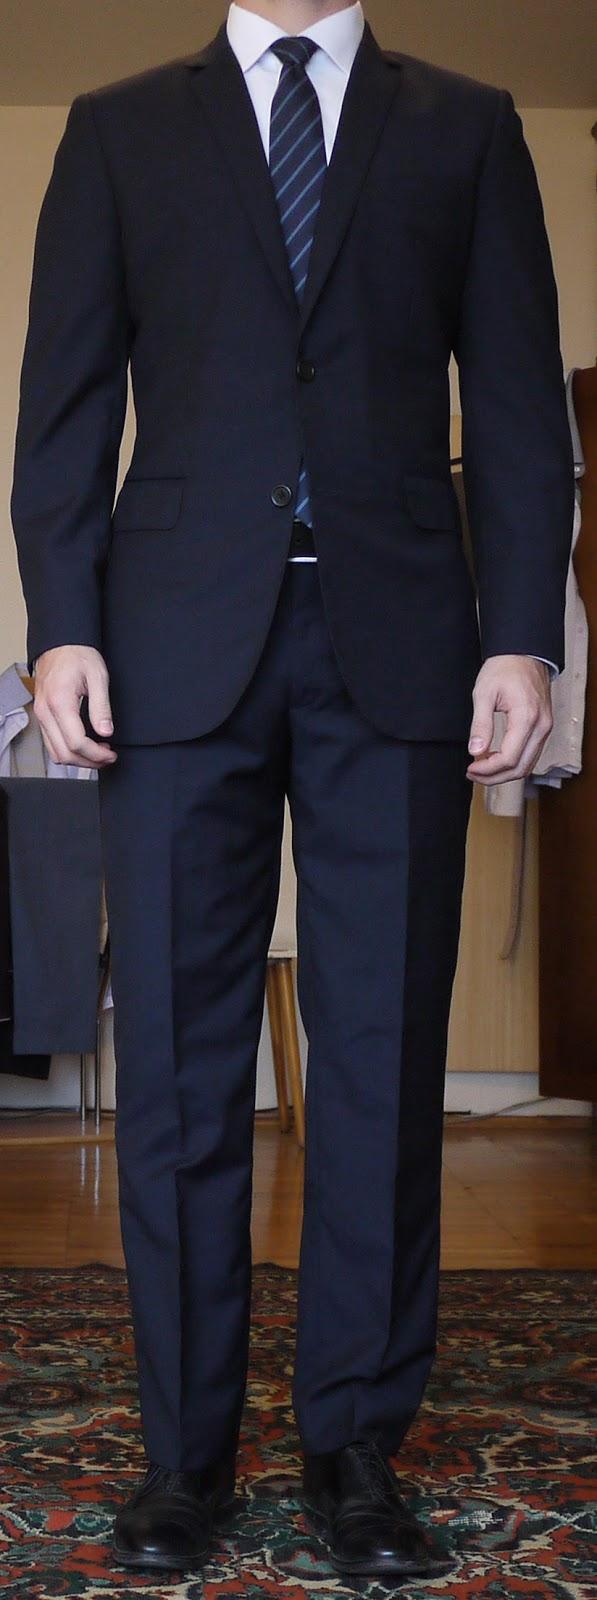 VBC 125 suit